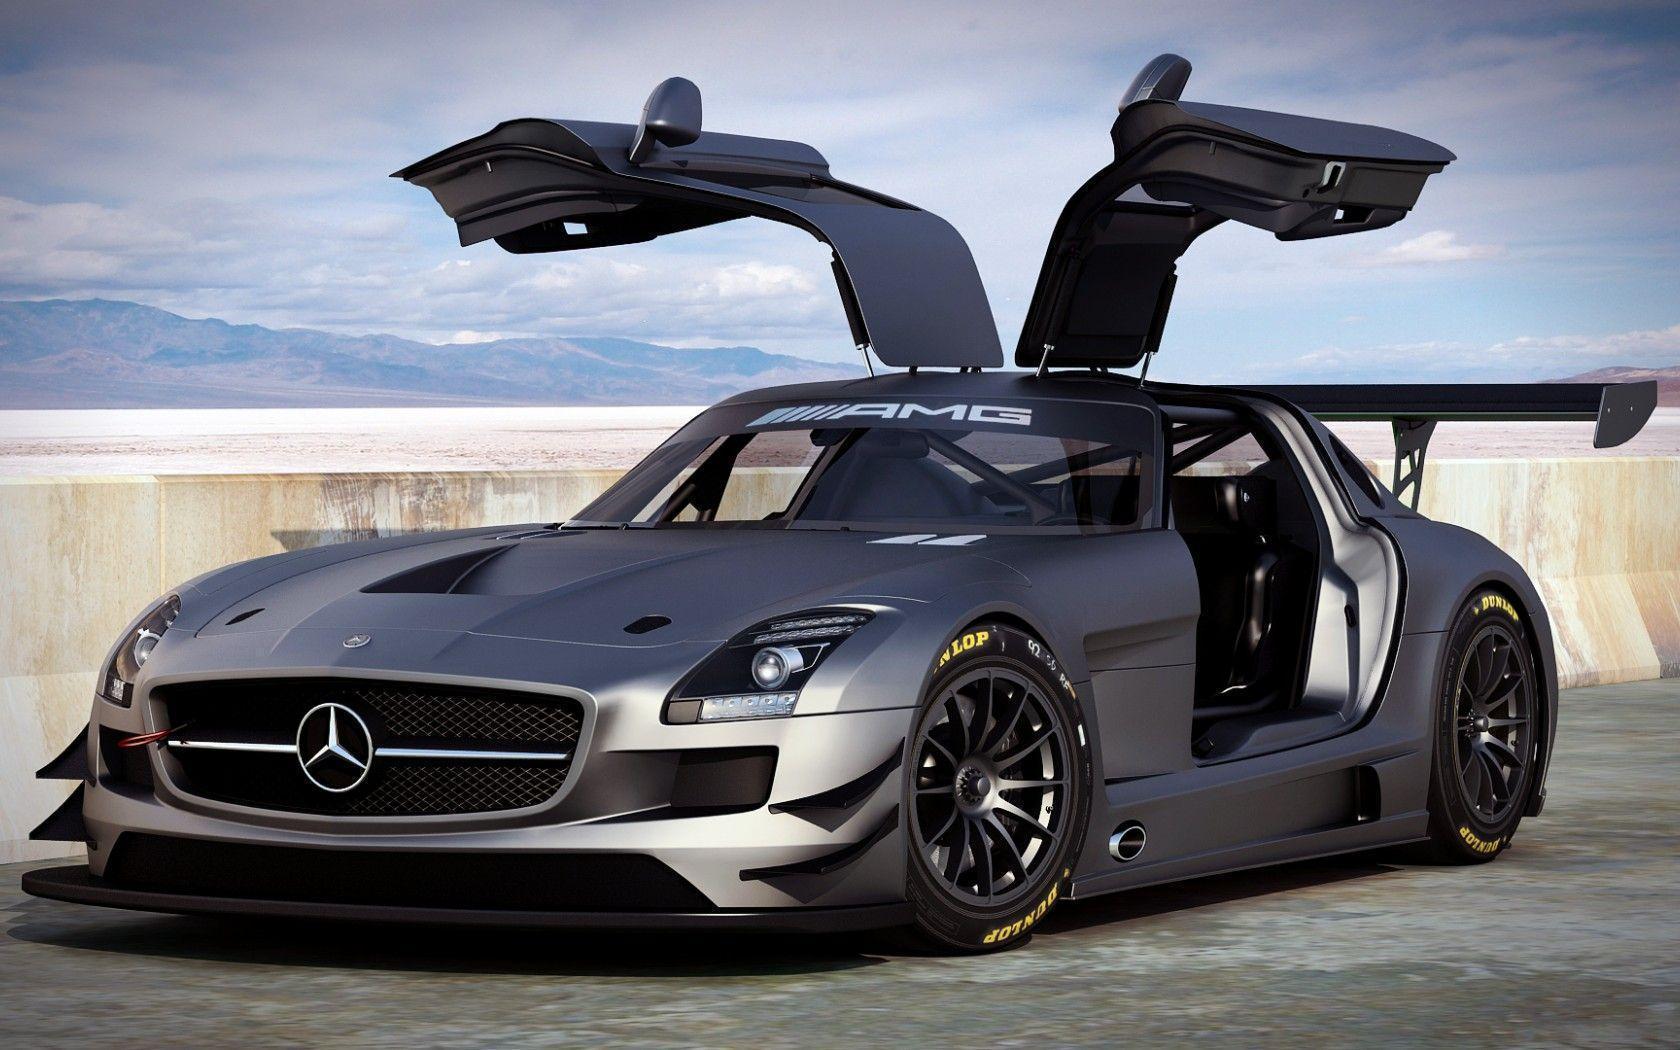 Mercedes Benz SLS AMG Wallpapers